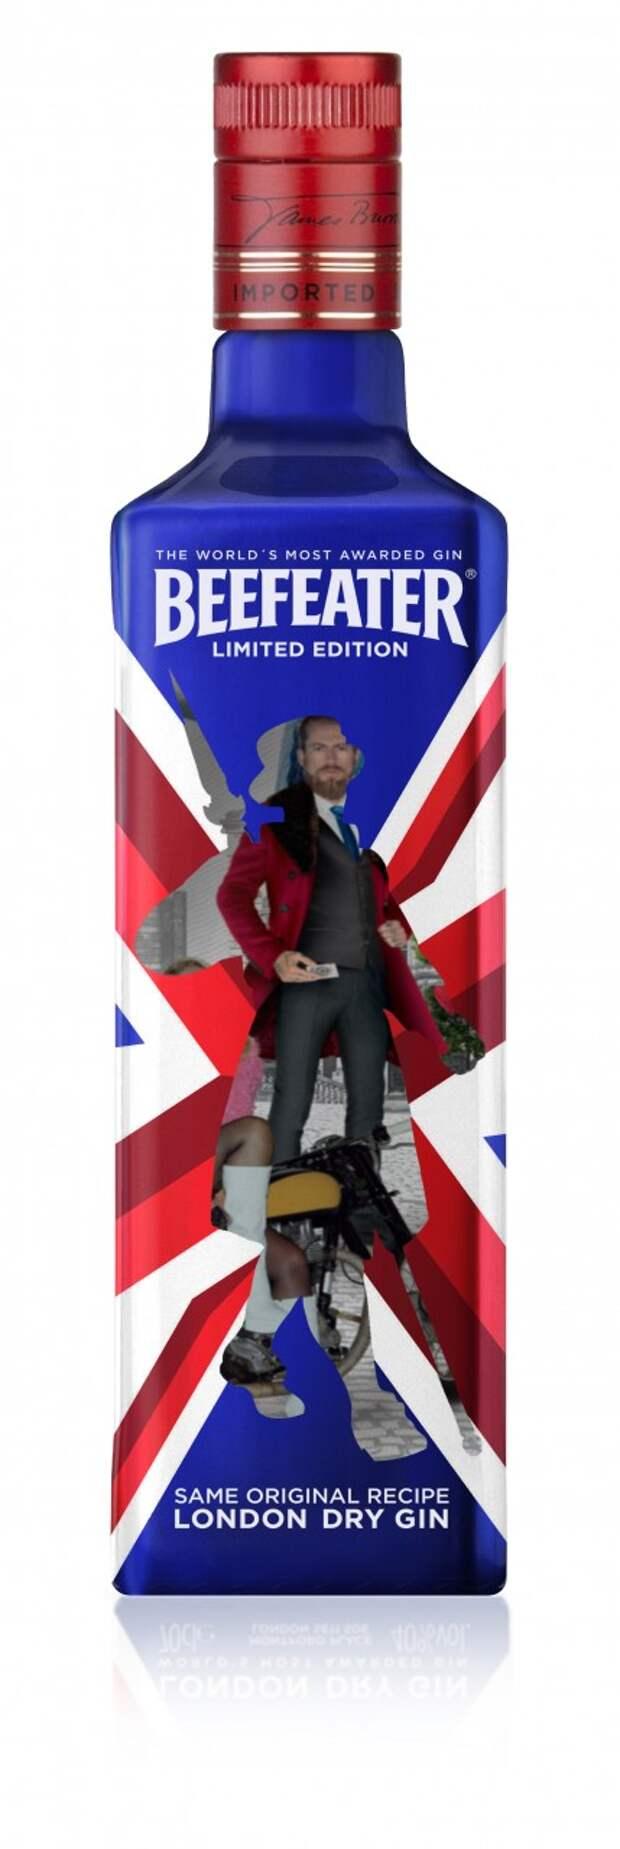 Beefeater упаковали в спецбутылку, посвященную Лондону